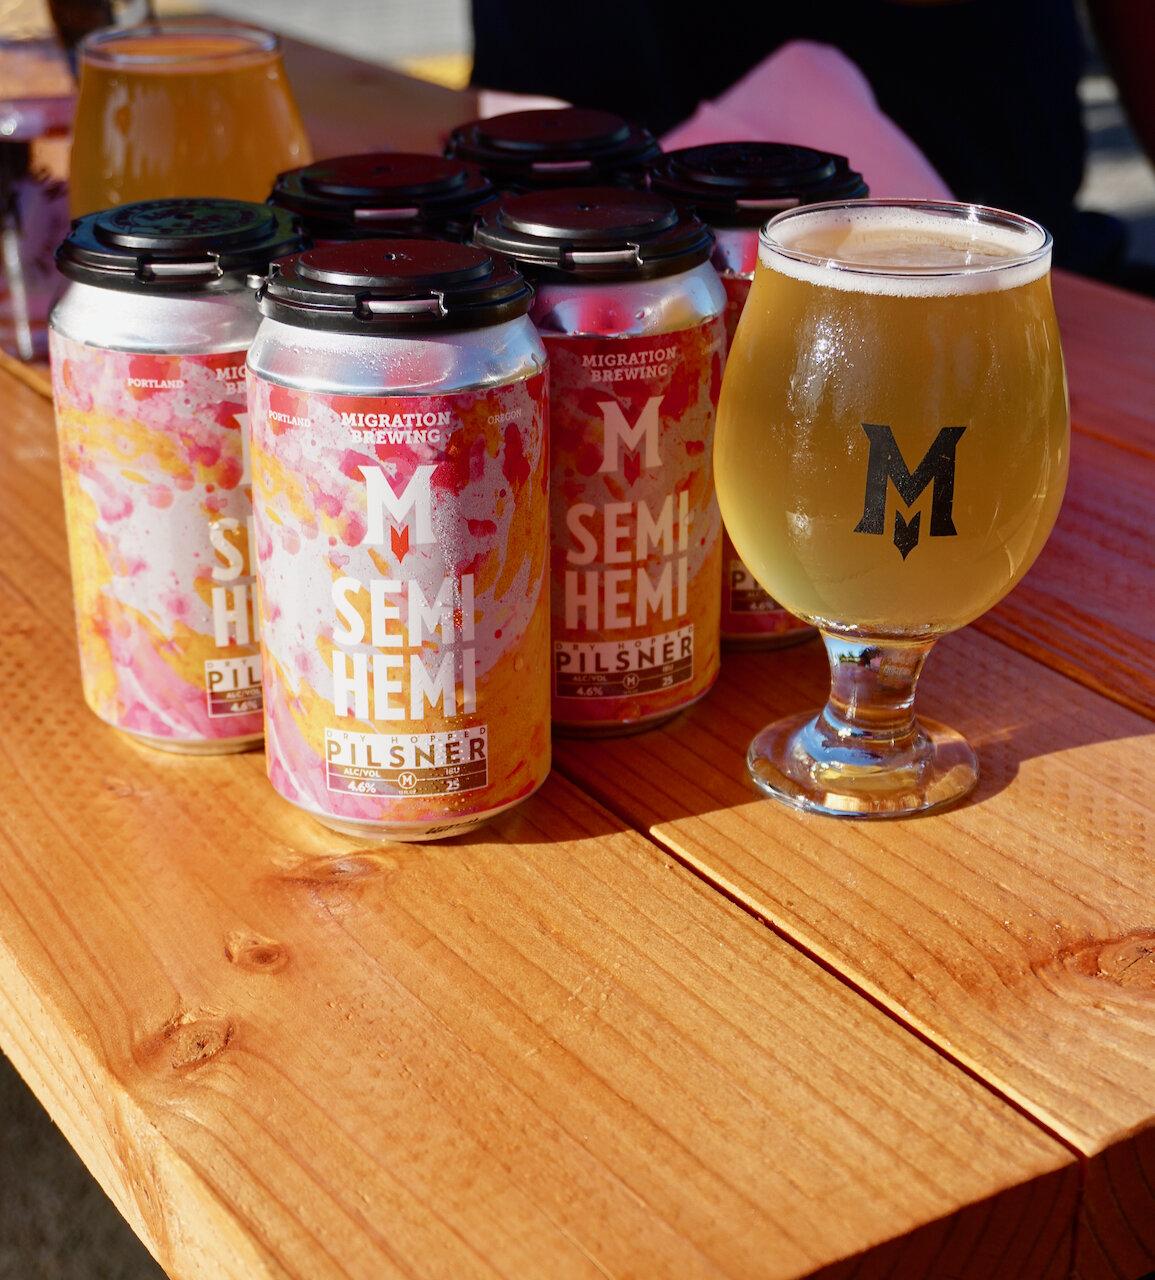 迁移酿造半半干比尔森啤酒